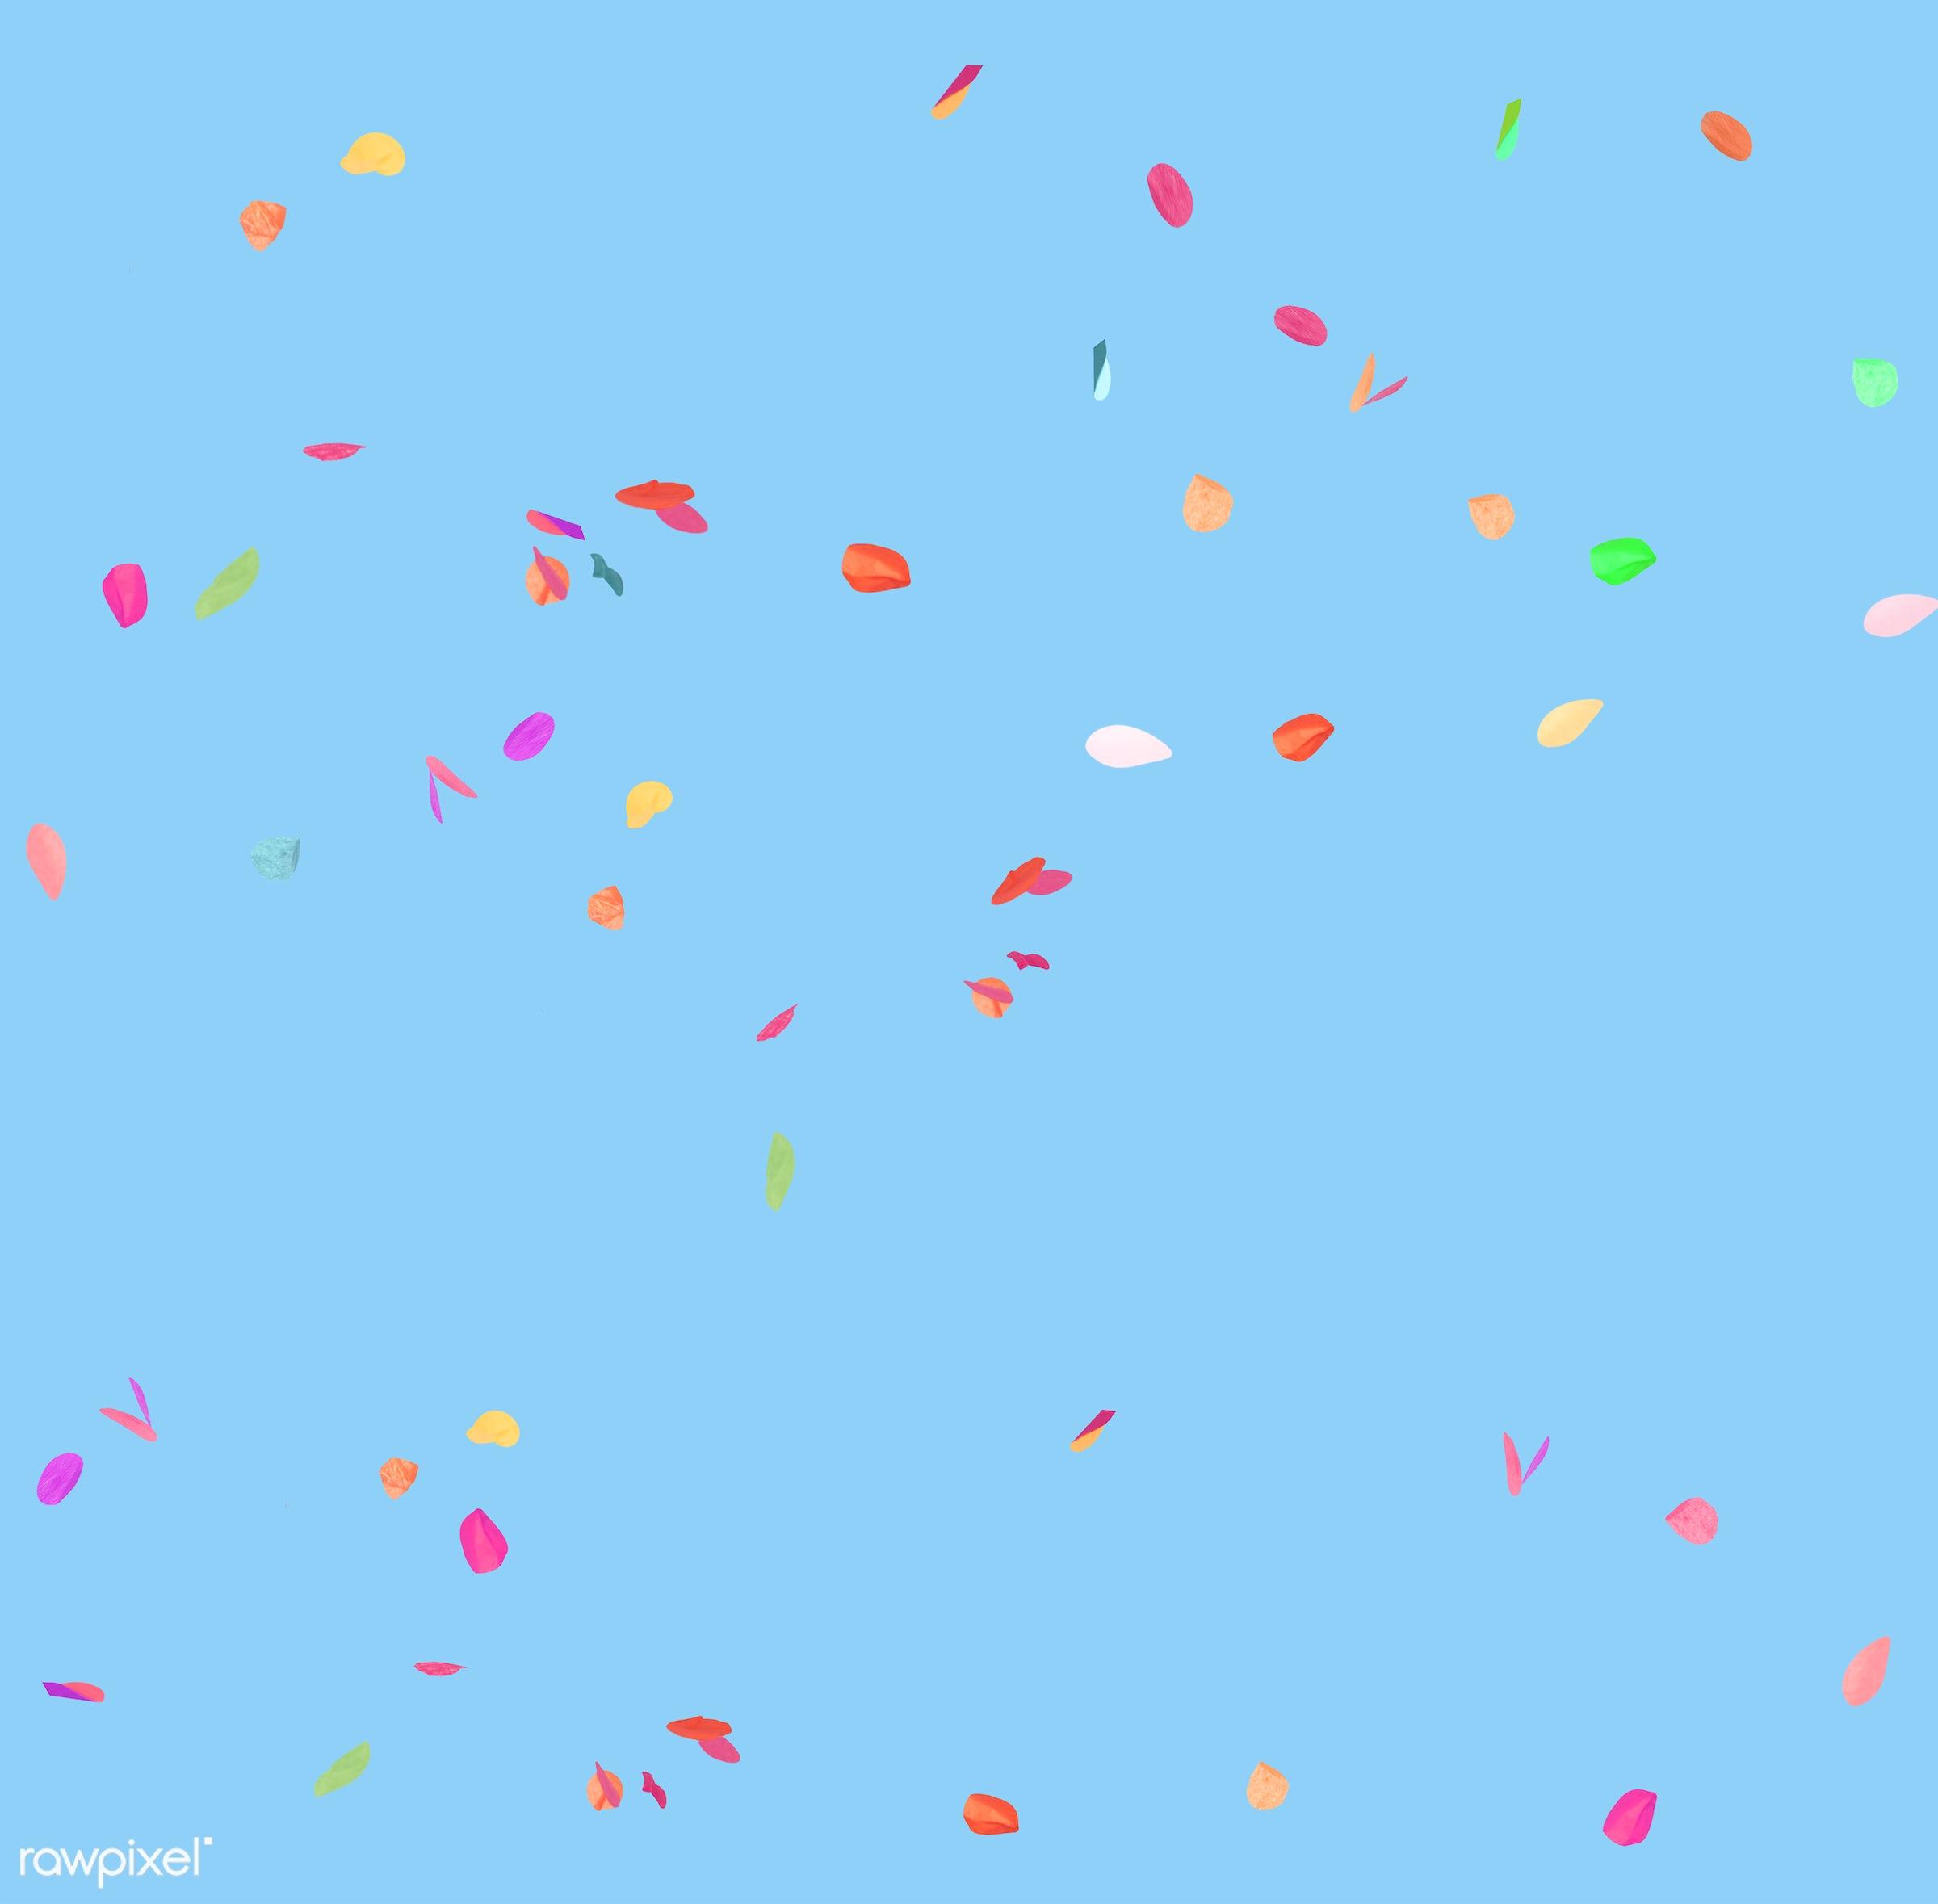 party, blue, celebartion, celebrate, colorful, confetti, festival, festive, fiesta, multicolored